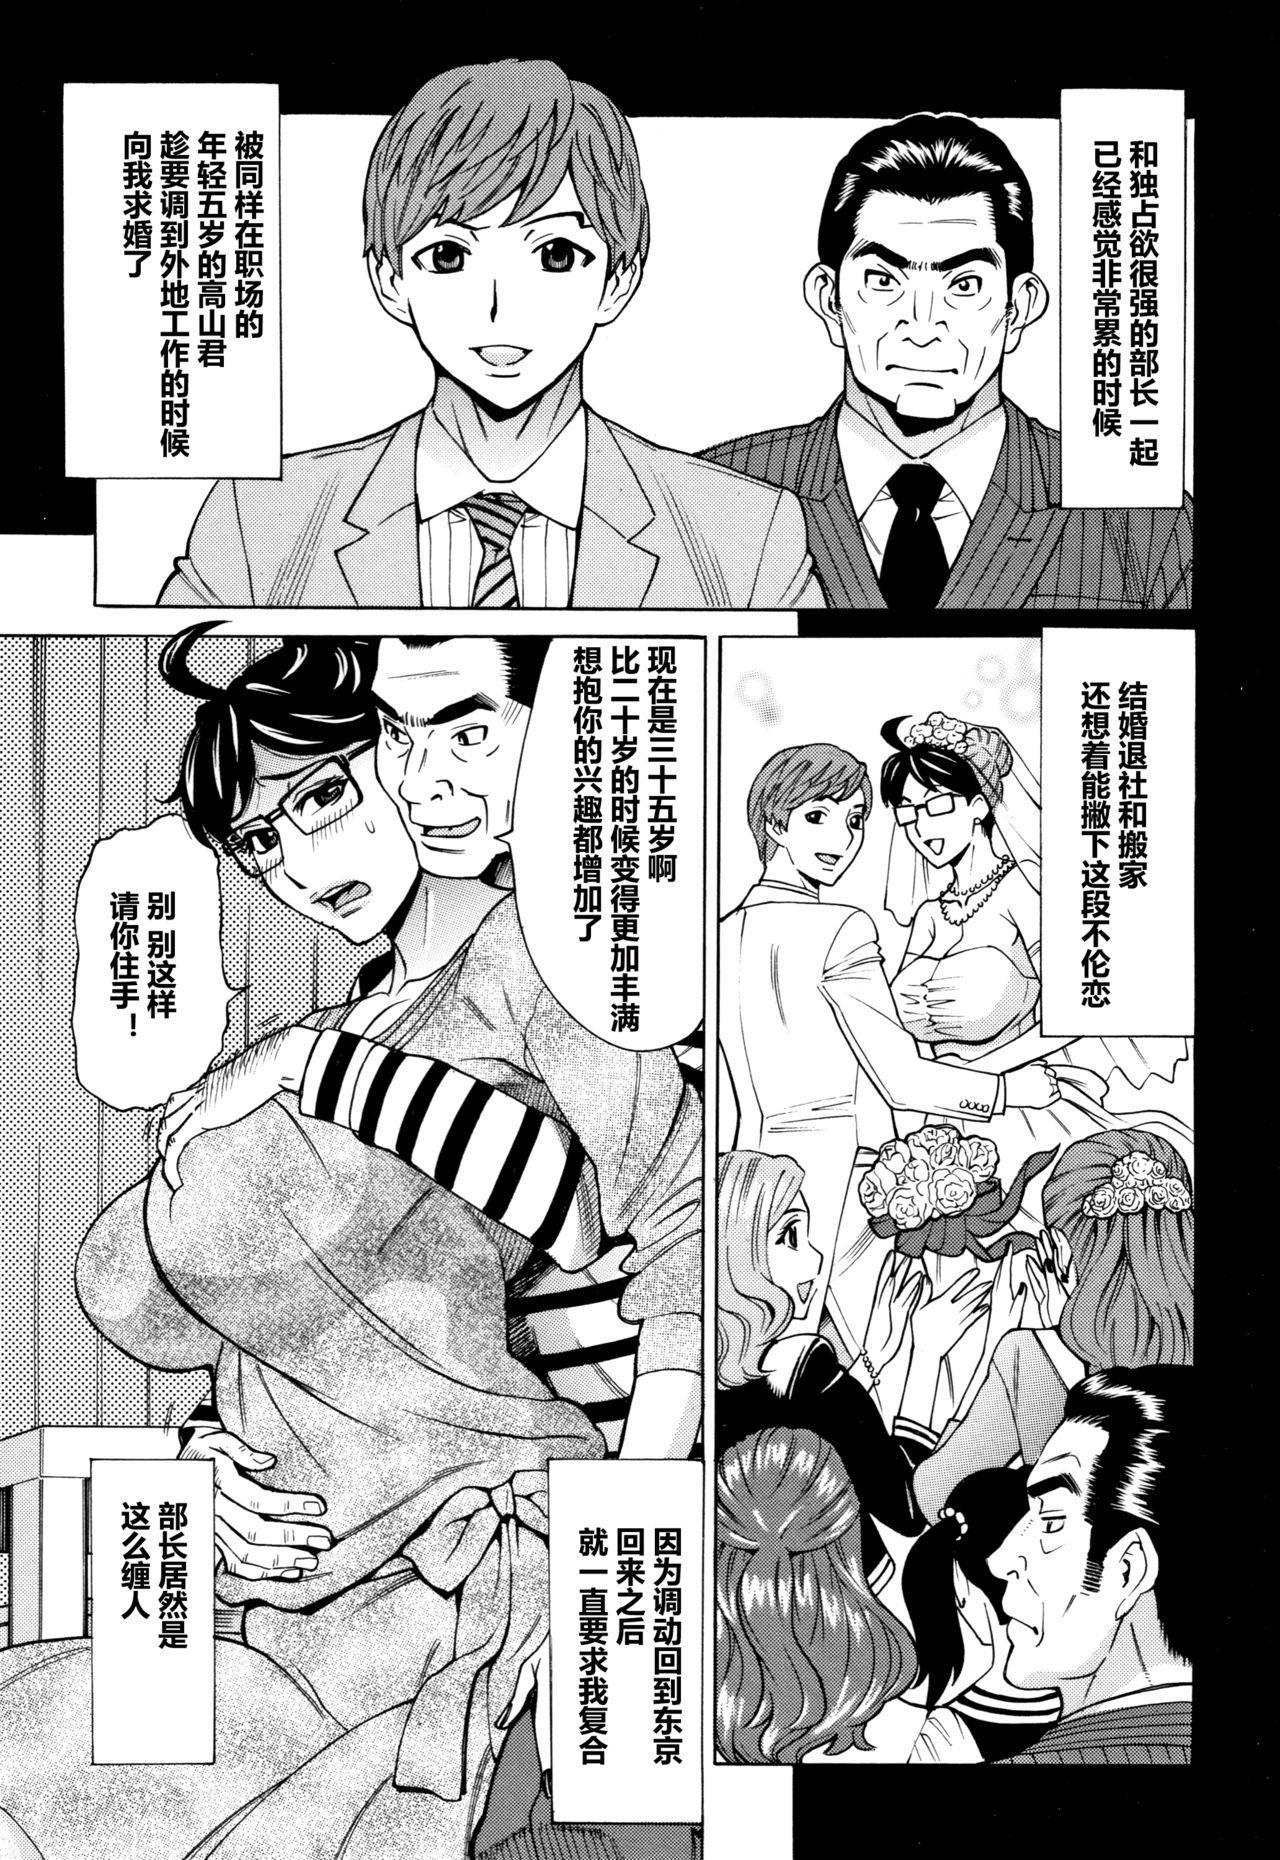 Oba-san dakedo, Daite Hoshii. 149